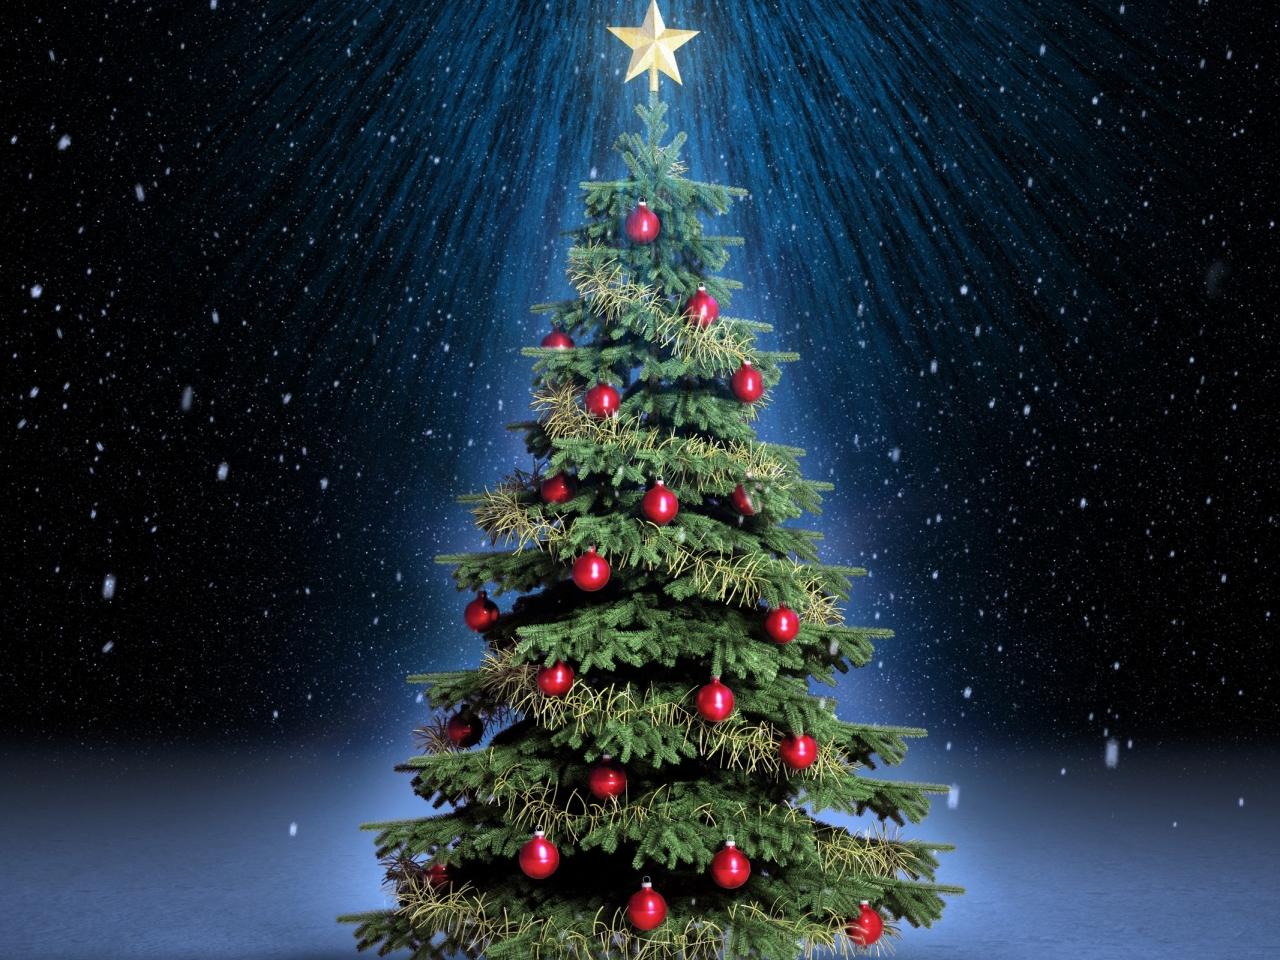 Arbol de navidad con fondo de estrellas - 1280x960